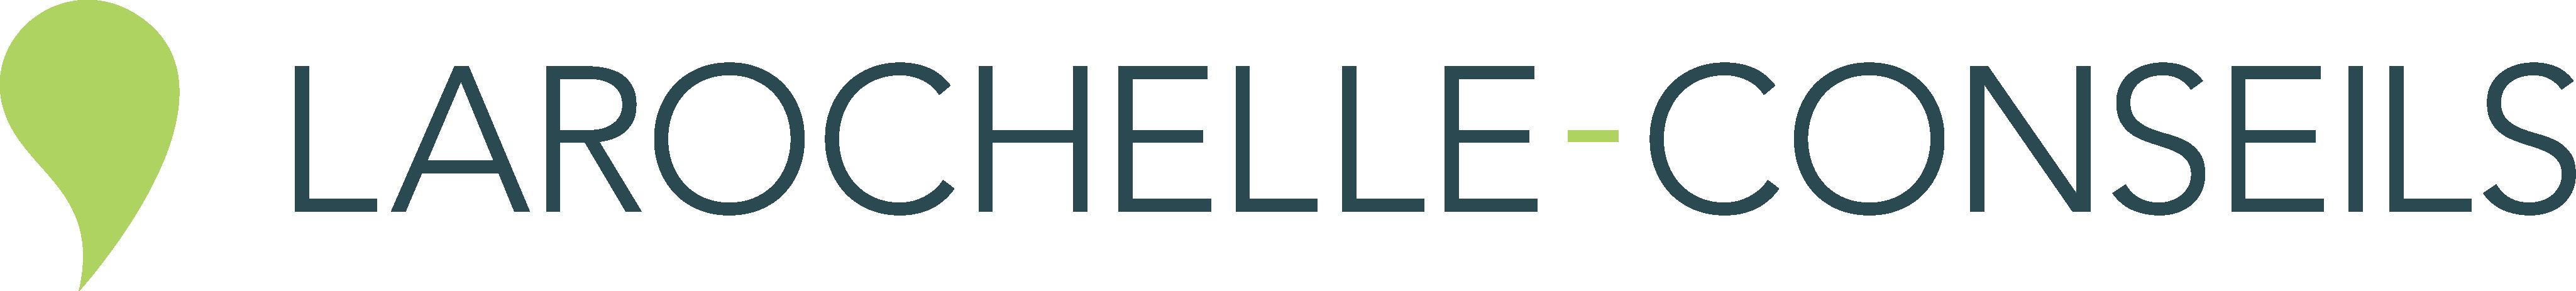 logo du partenaire Larochelle-Conseils